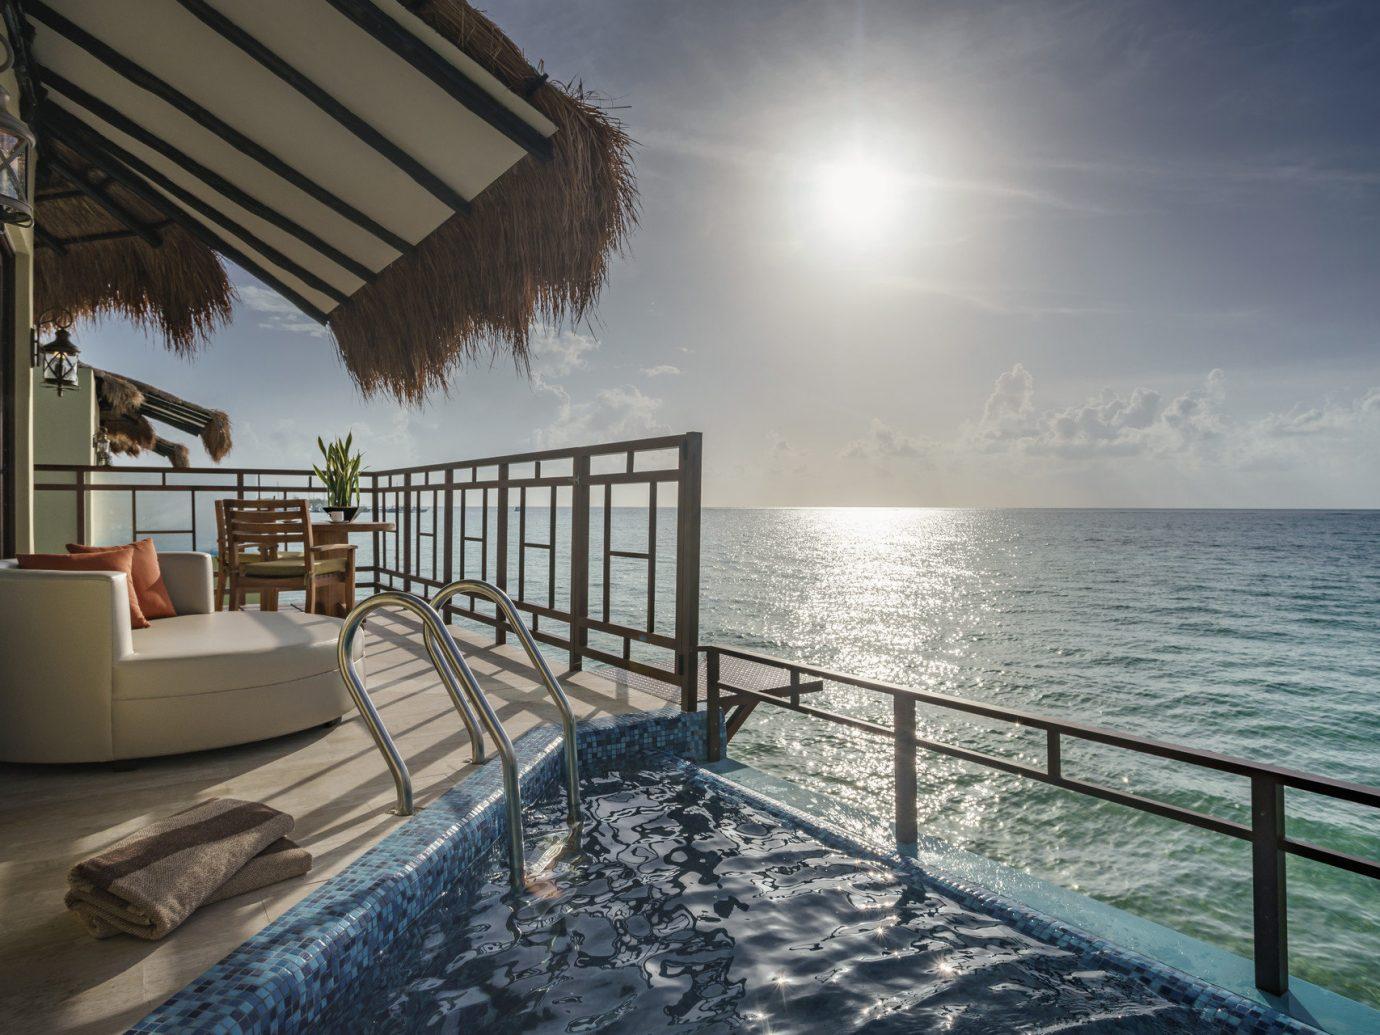 Hotels sky water outdoor scene Sea pier vacation Ocean vehicle swimming pool Resort overlooking day